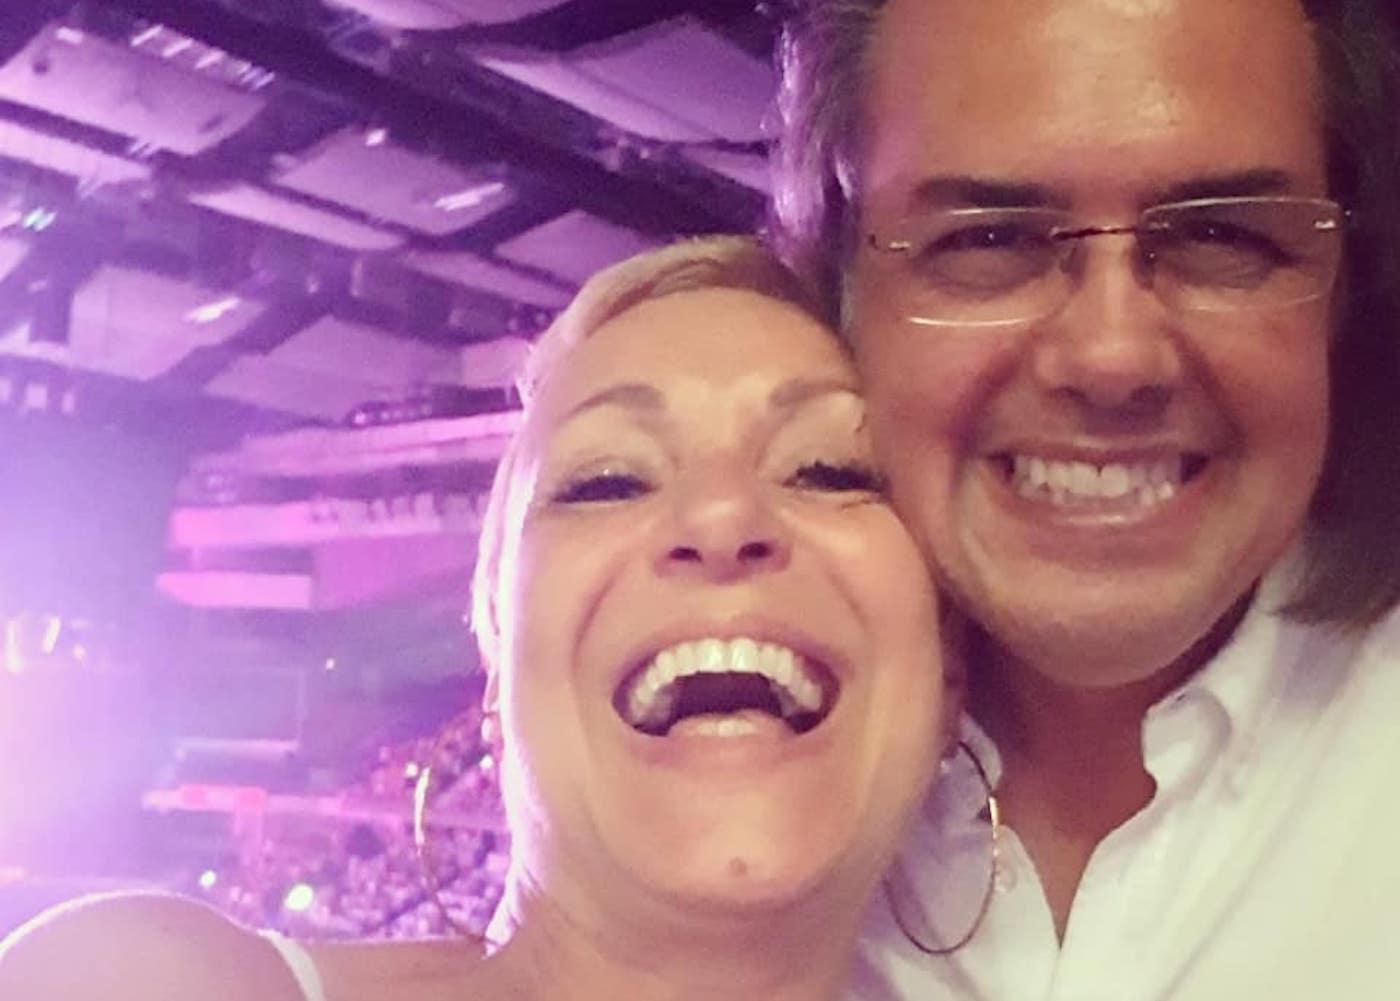 Carla Andrino Mario Carla Andrino Partilha Fotografia Inédita Da Sua Adolescência Com O Marido